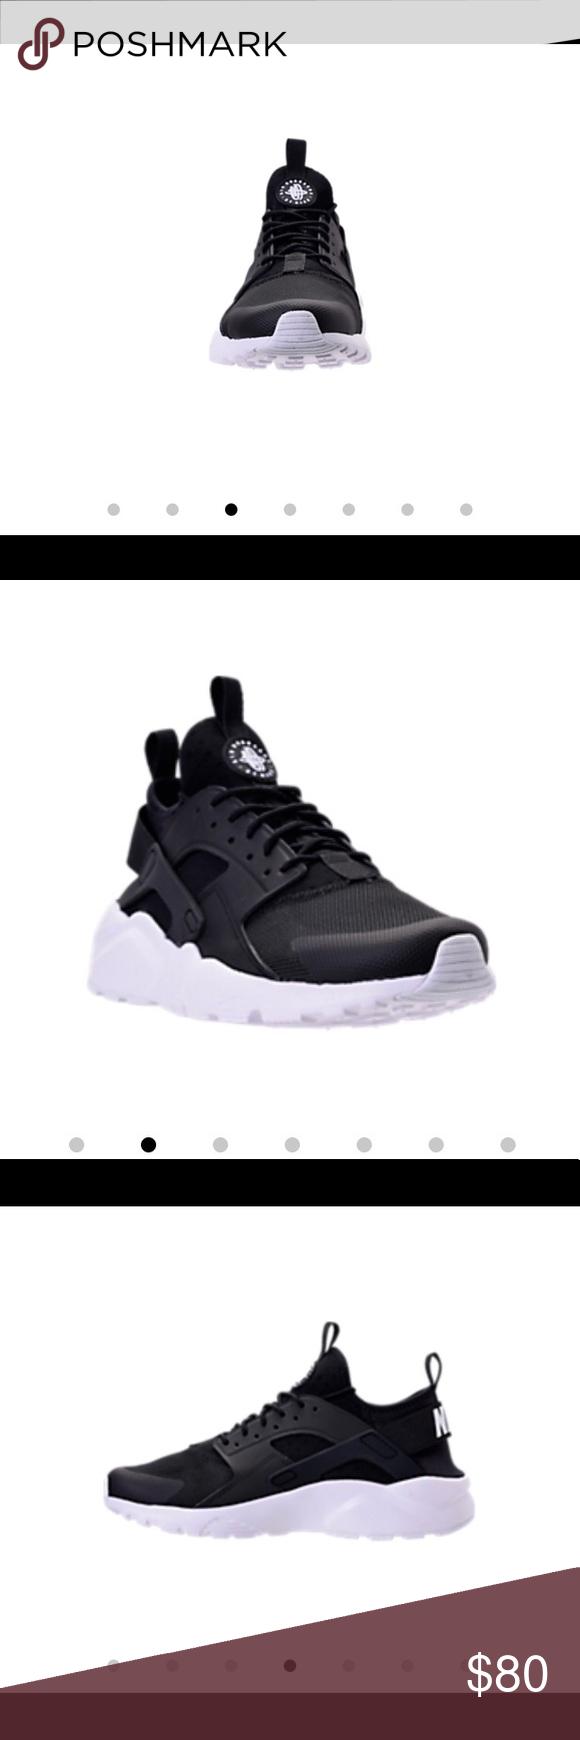 nike air huarache scarpe nere e indossato solo una volta le scarpe nike